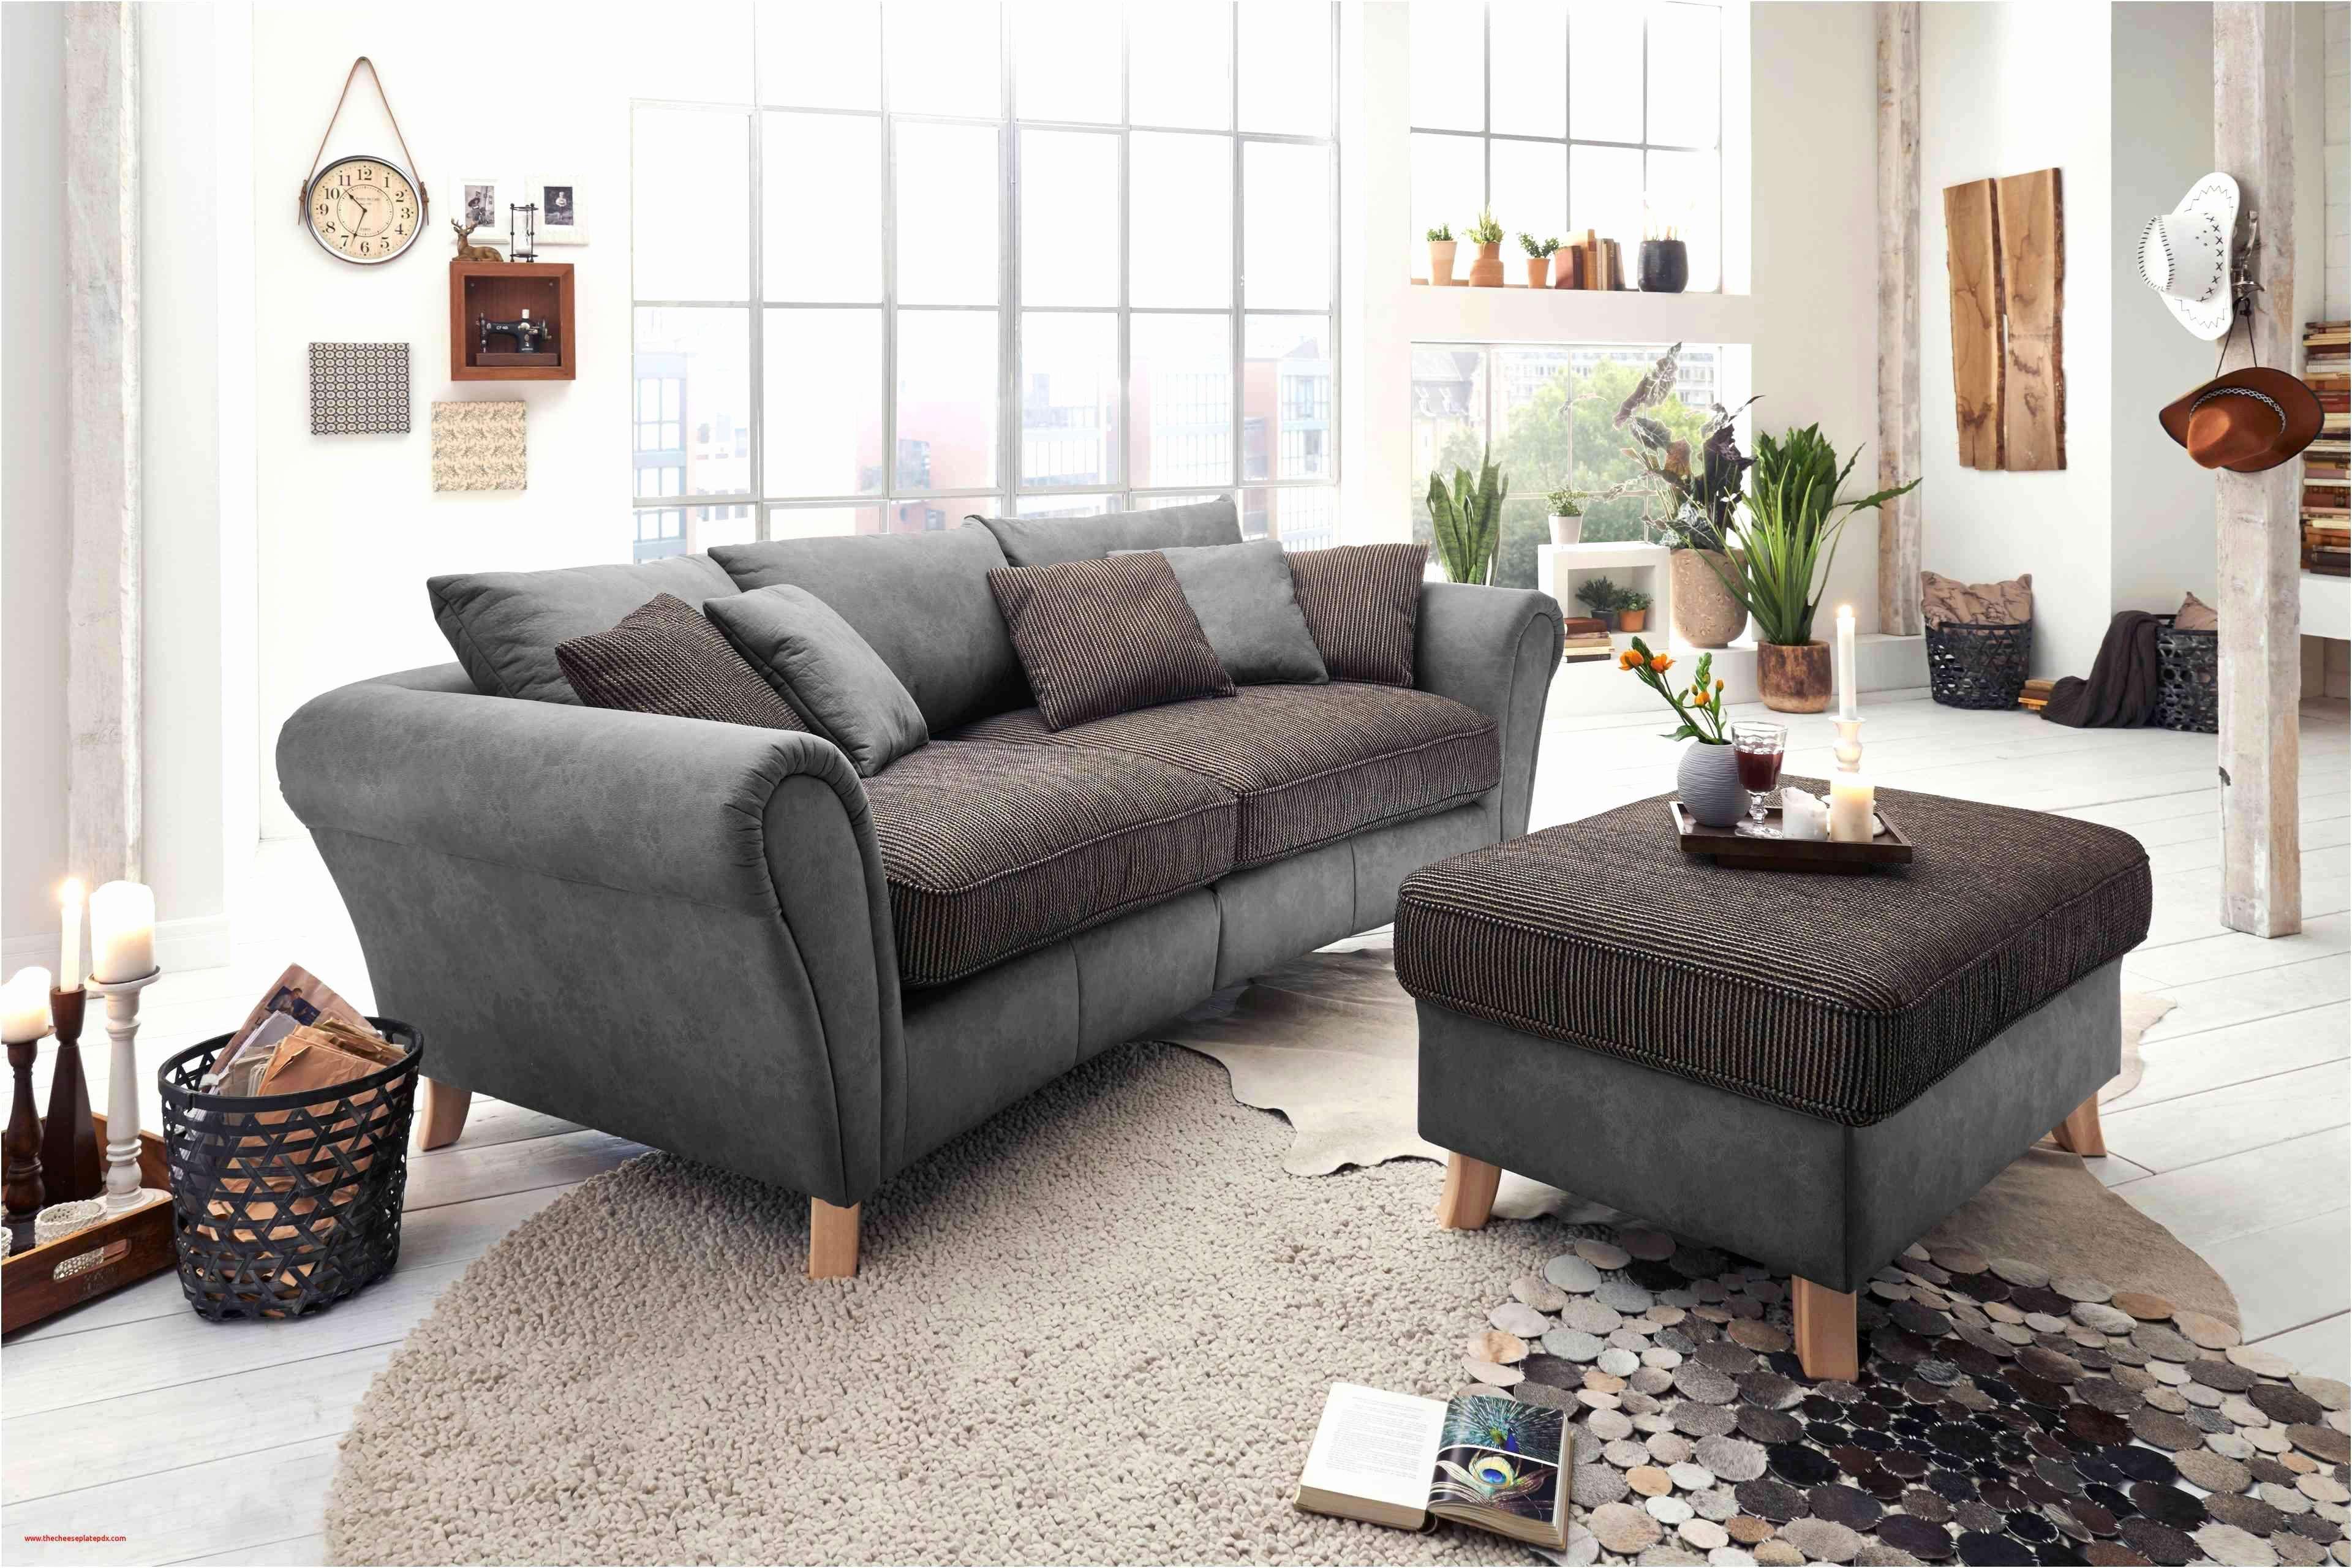 34 Schon Stilvolle Deko Wohnzimmer Ideen Von Wohnzimmer Deko